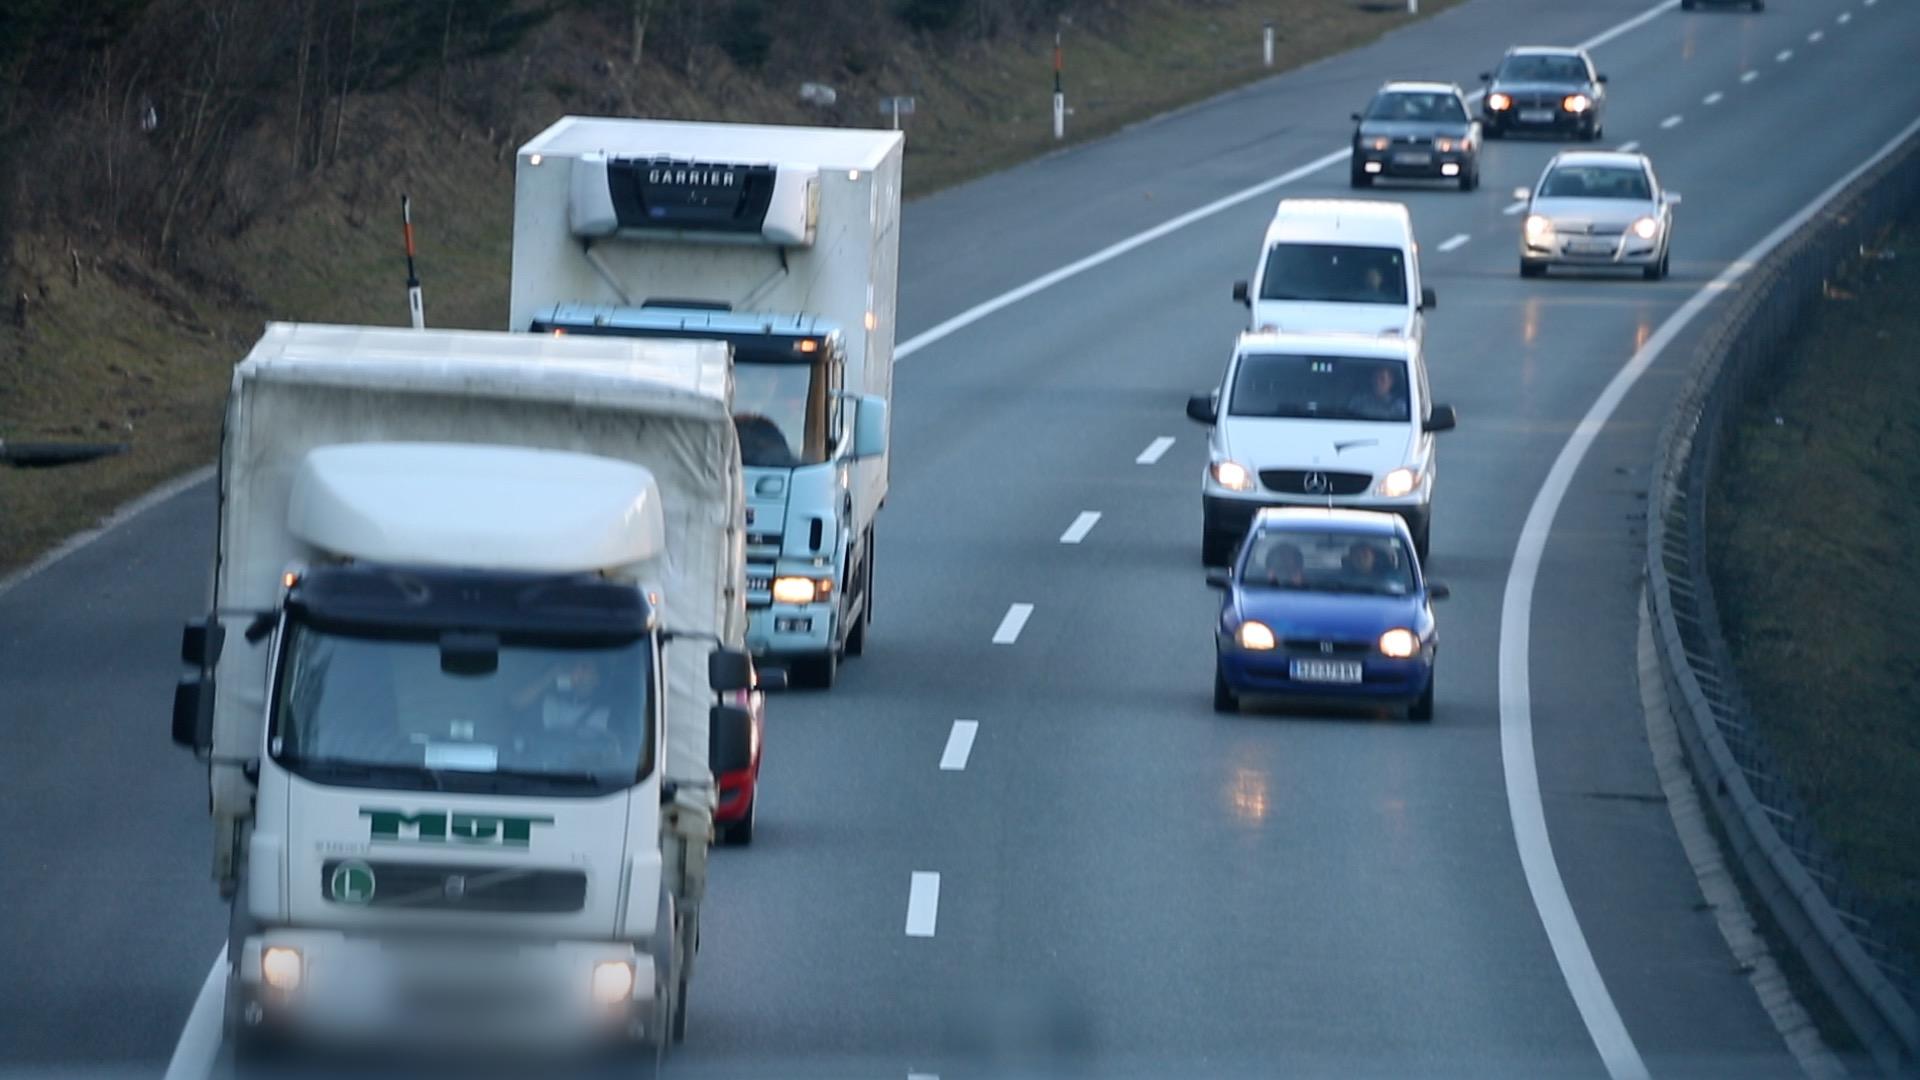 Jeder vierte LKW überschreitet Abgas-Grenzwerte